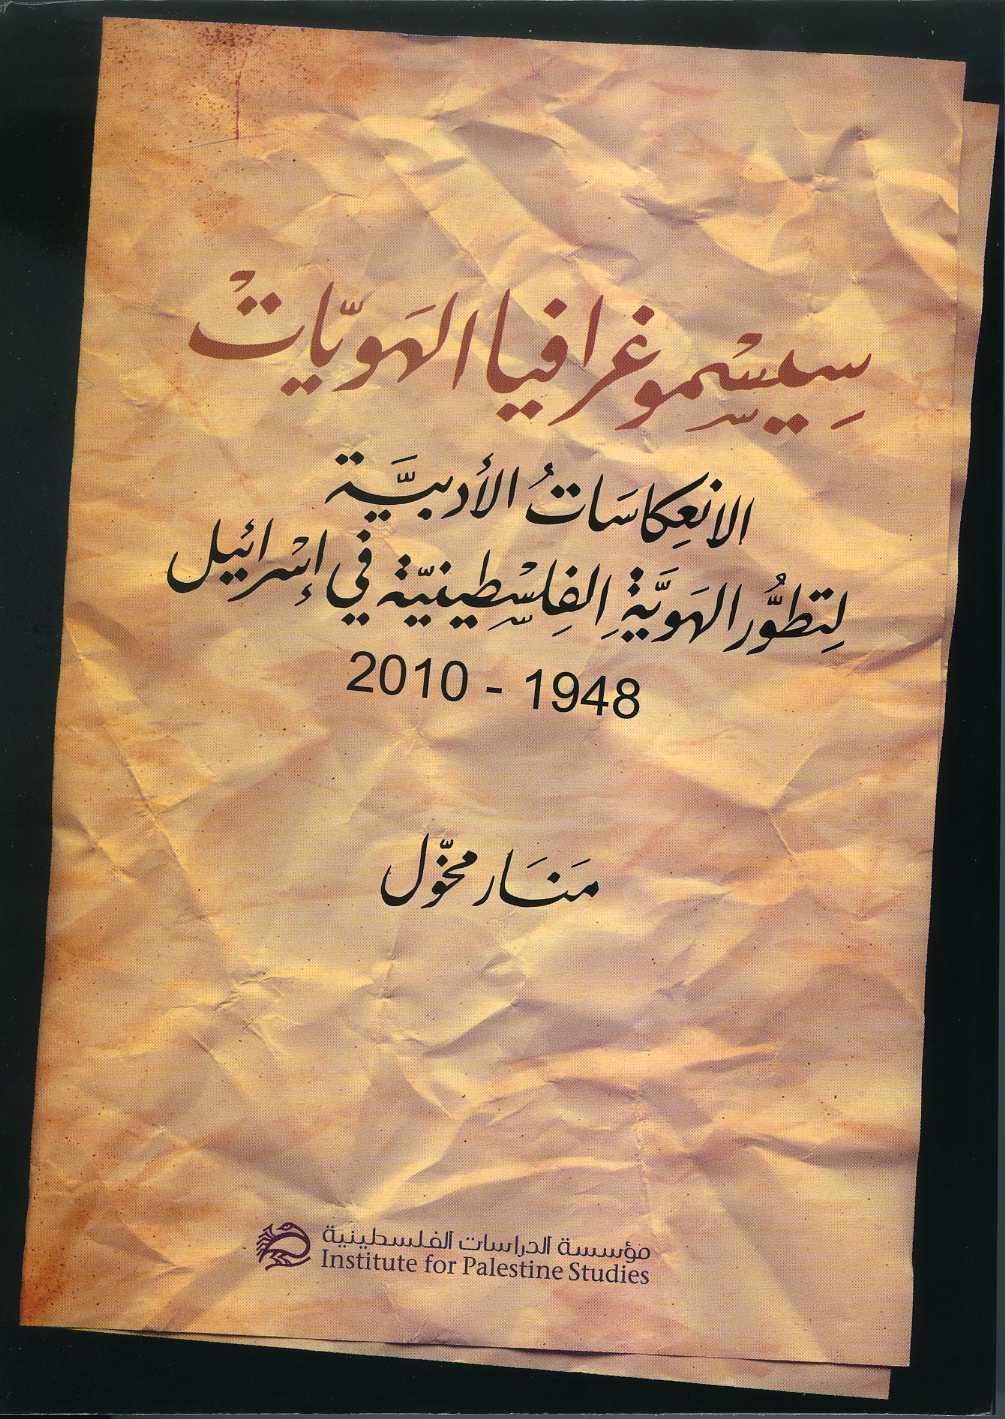 جديد: سيسموغرافيا الهويات... الانعكاسات الأدبية لتطور الهوية الفلسطينية في إسرائيل 1948-2010